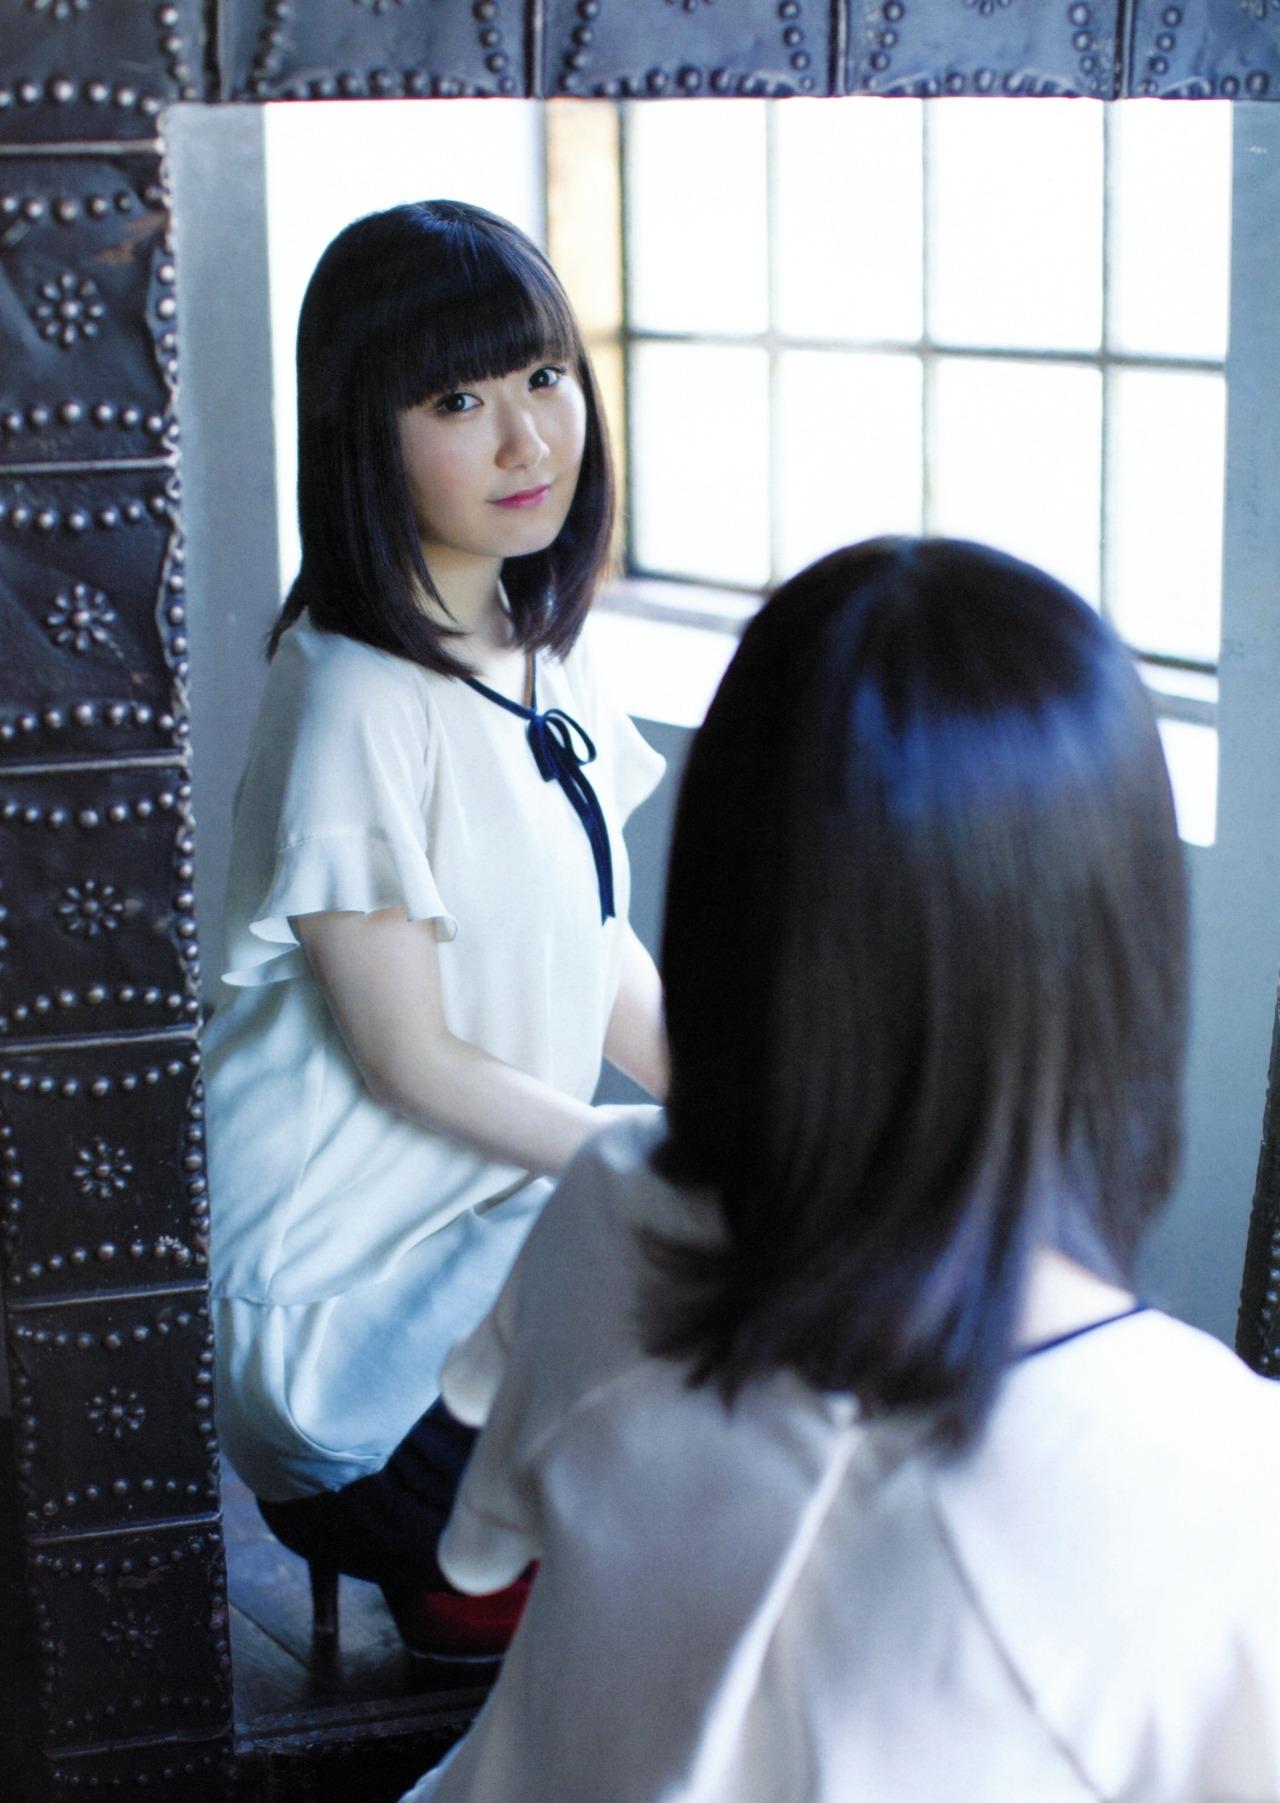 hidaka_rina013.jpg